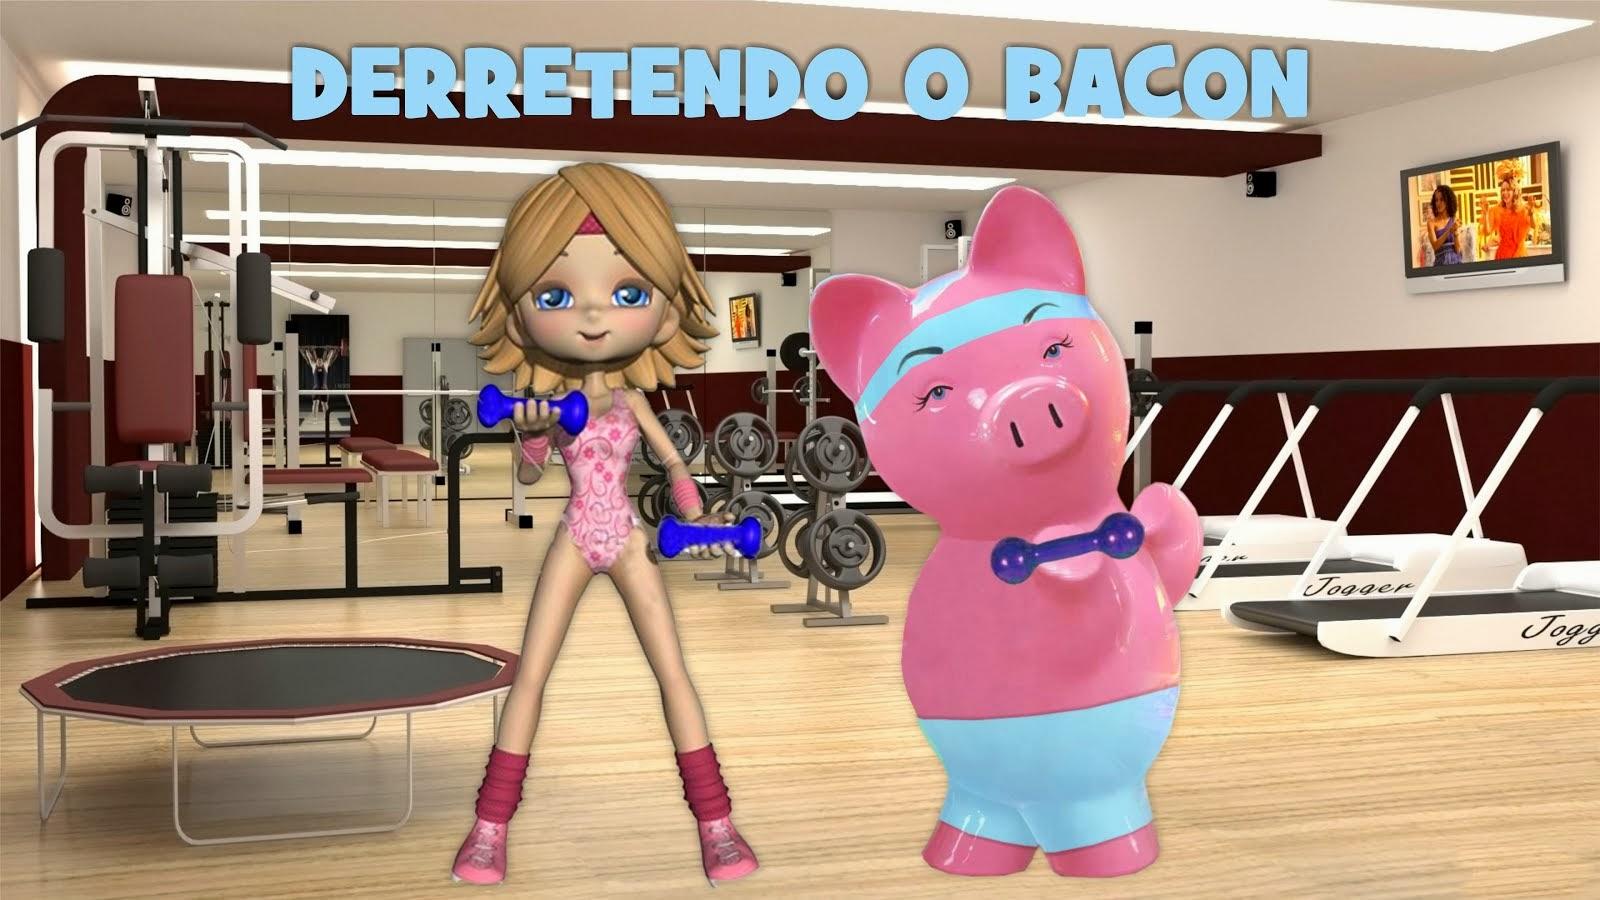 Derretendo o bacon